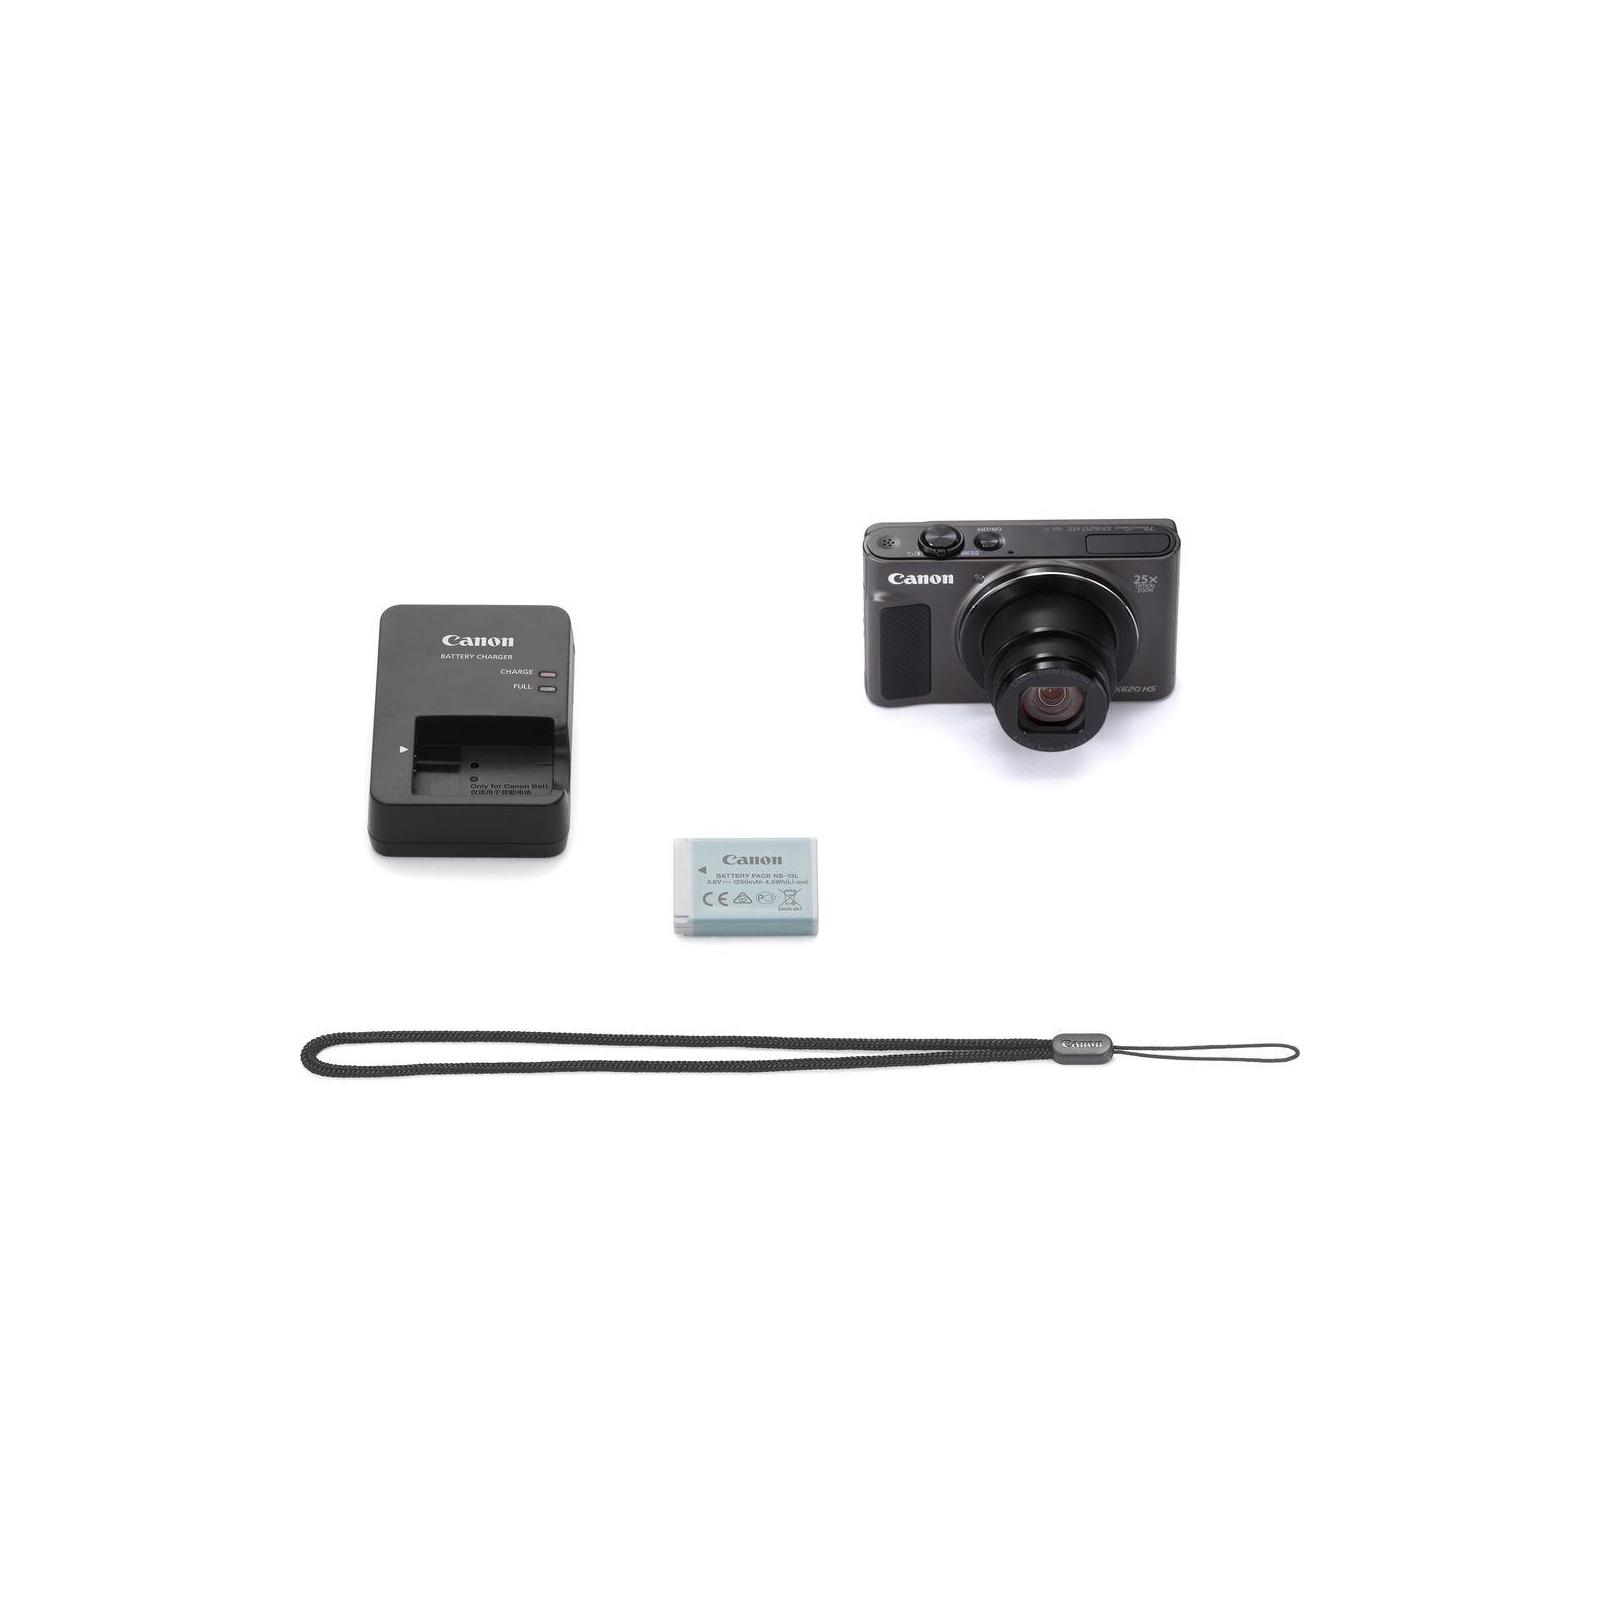 Цифровий фотоапарат Canon Powershot SX620 HS Black (1072C014) зображення 11